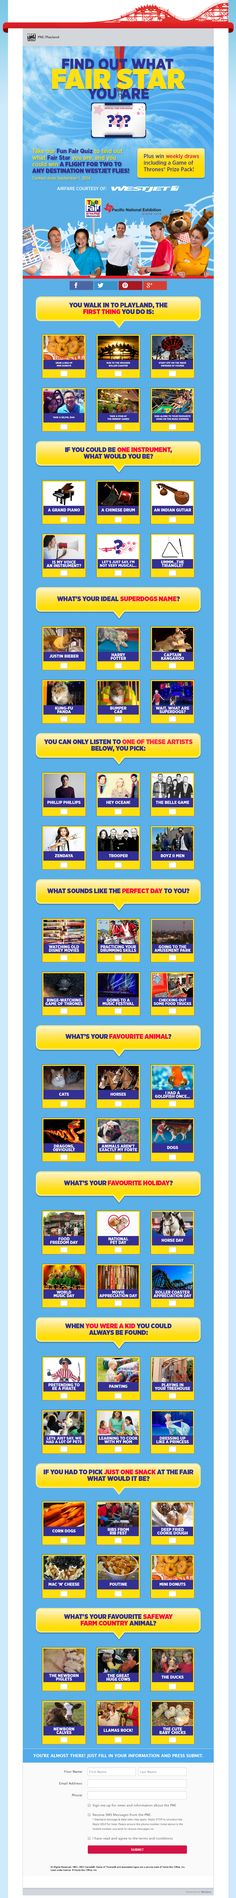 Example Quiz Page